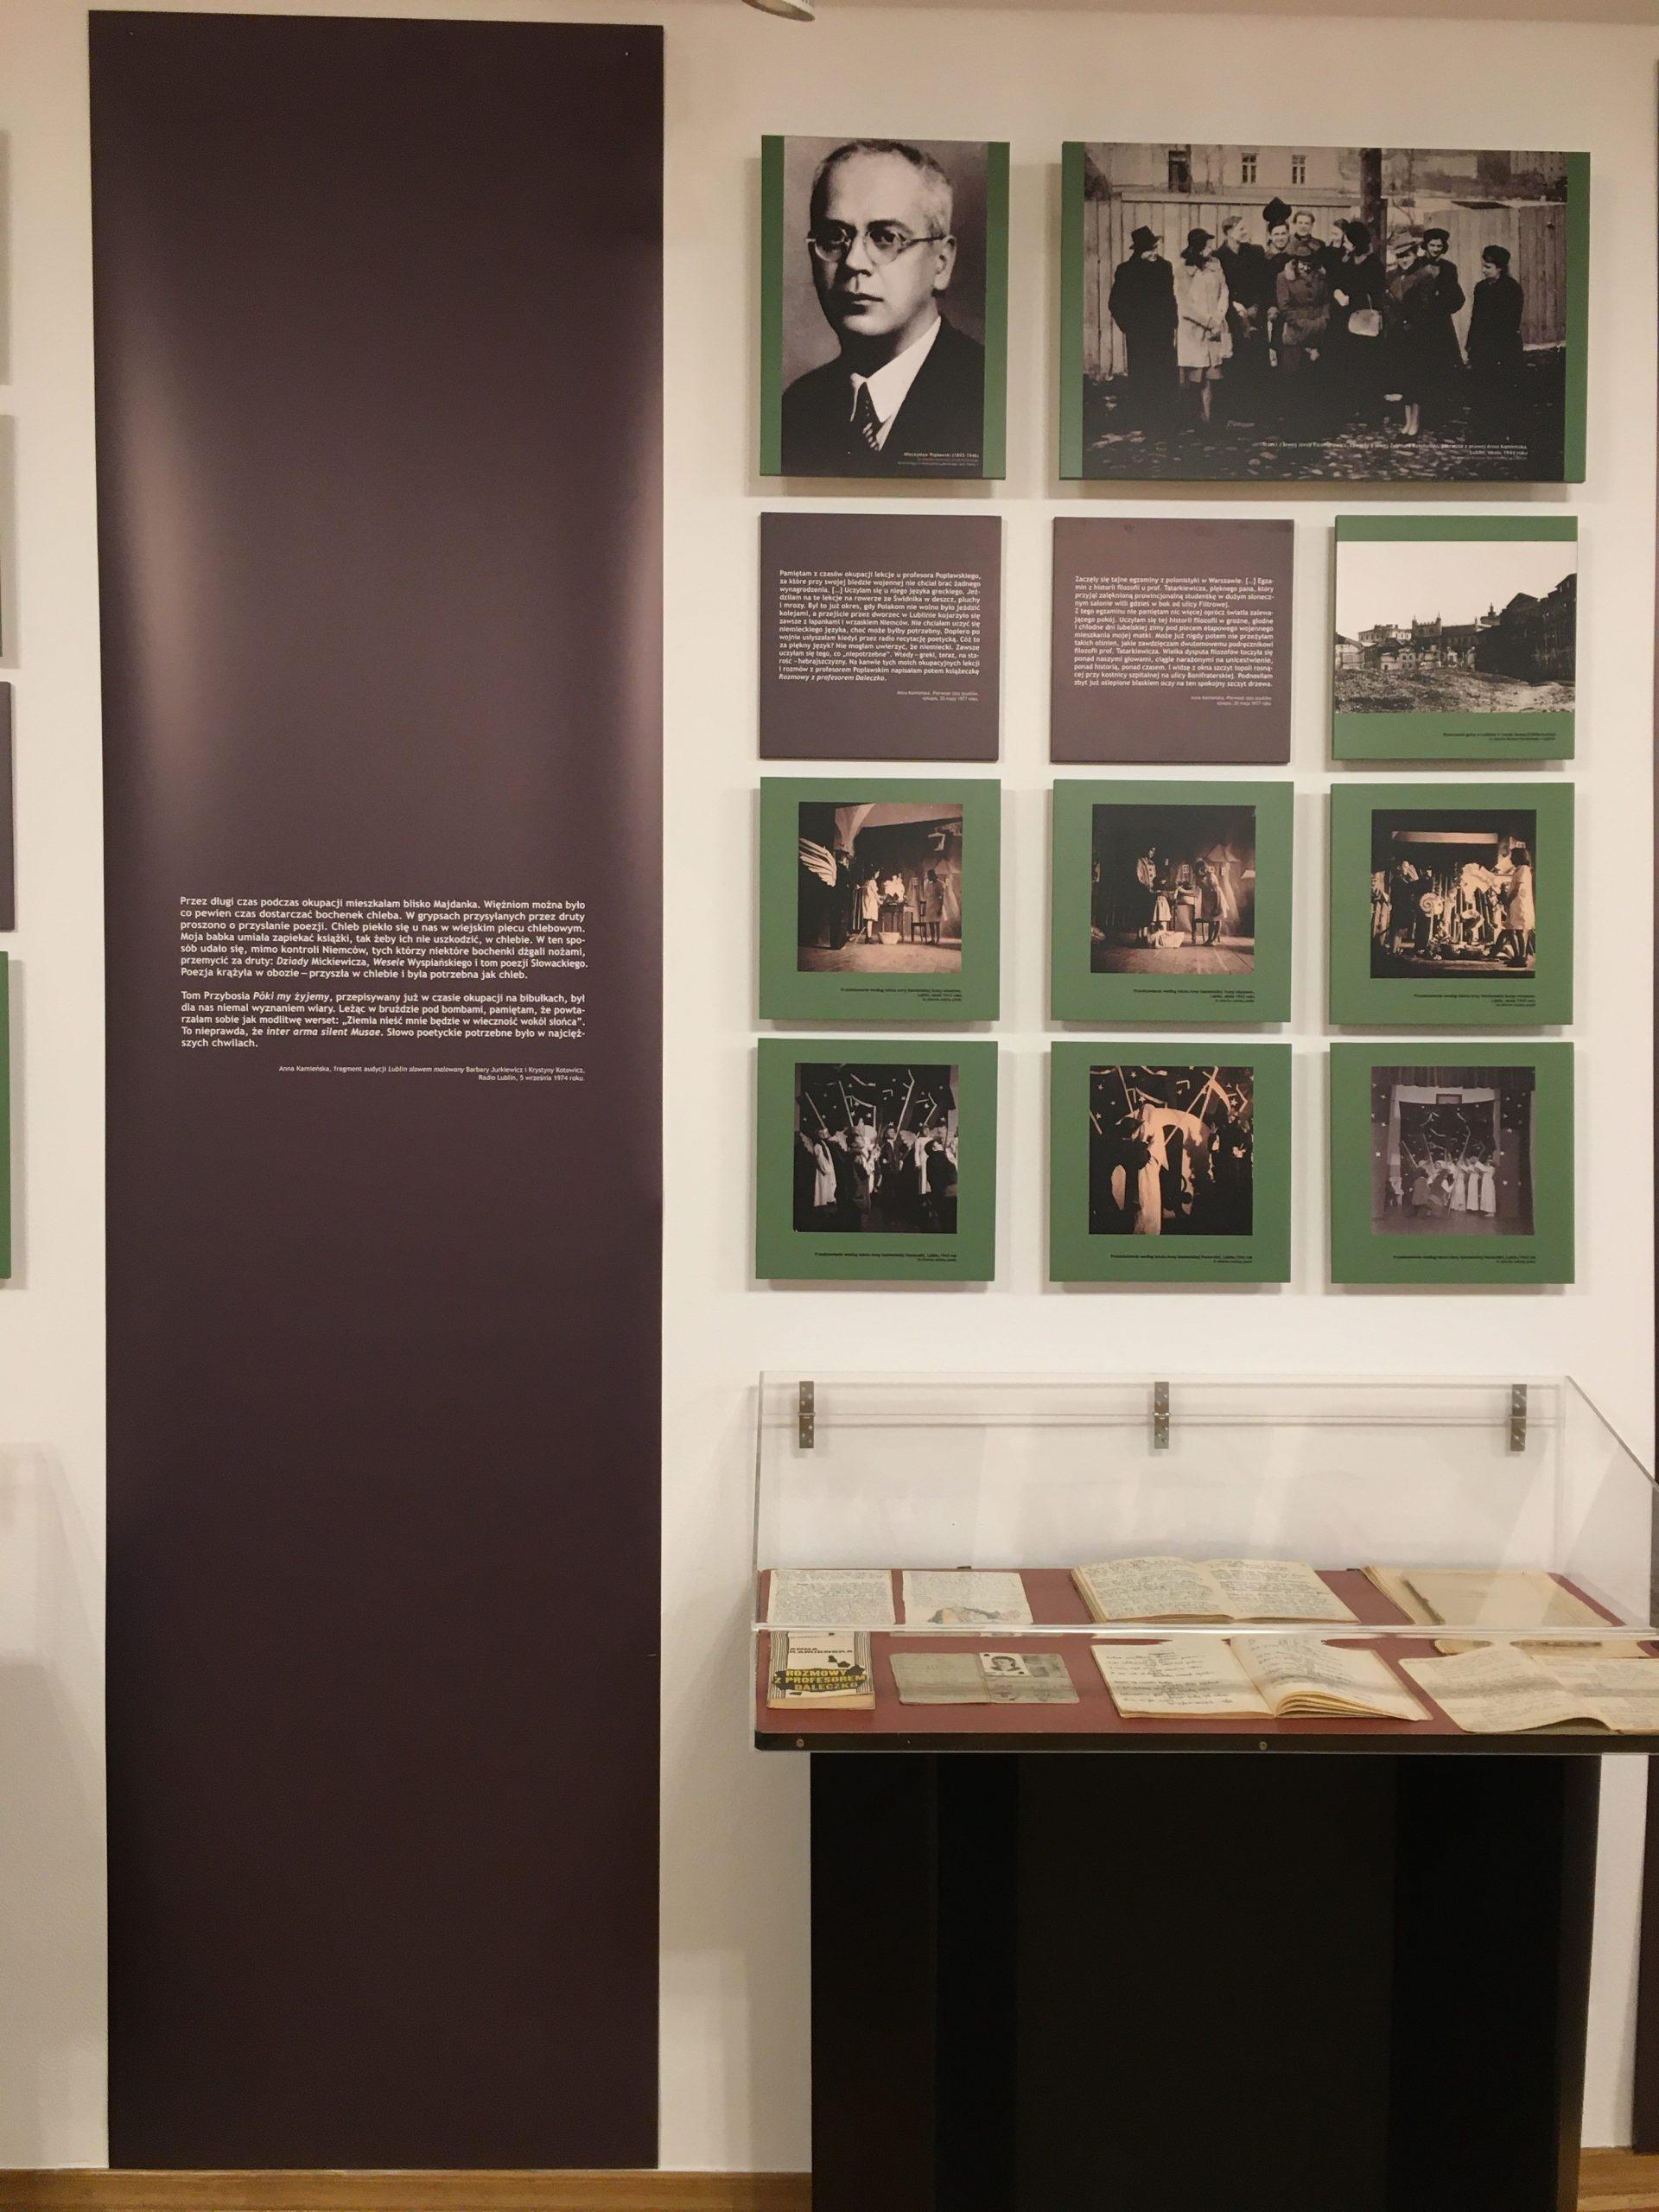 fragment wystawy - na ścianie zdjęcia, plansze i element ozdobny z cytatem, poniżej stoi witrynka z eksponatami